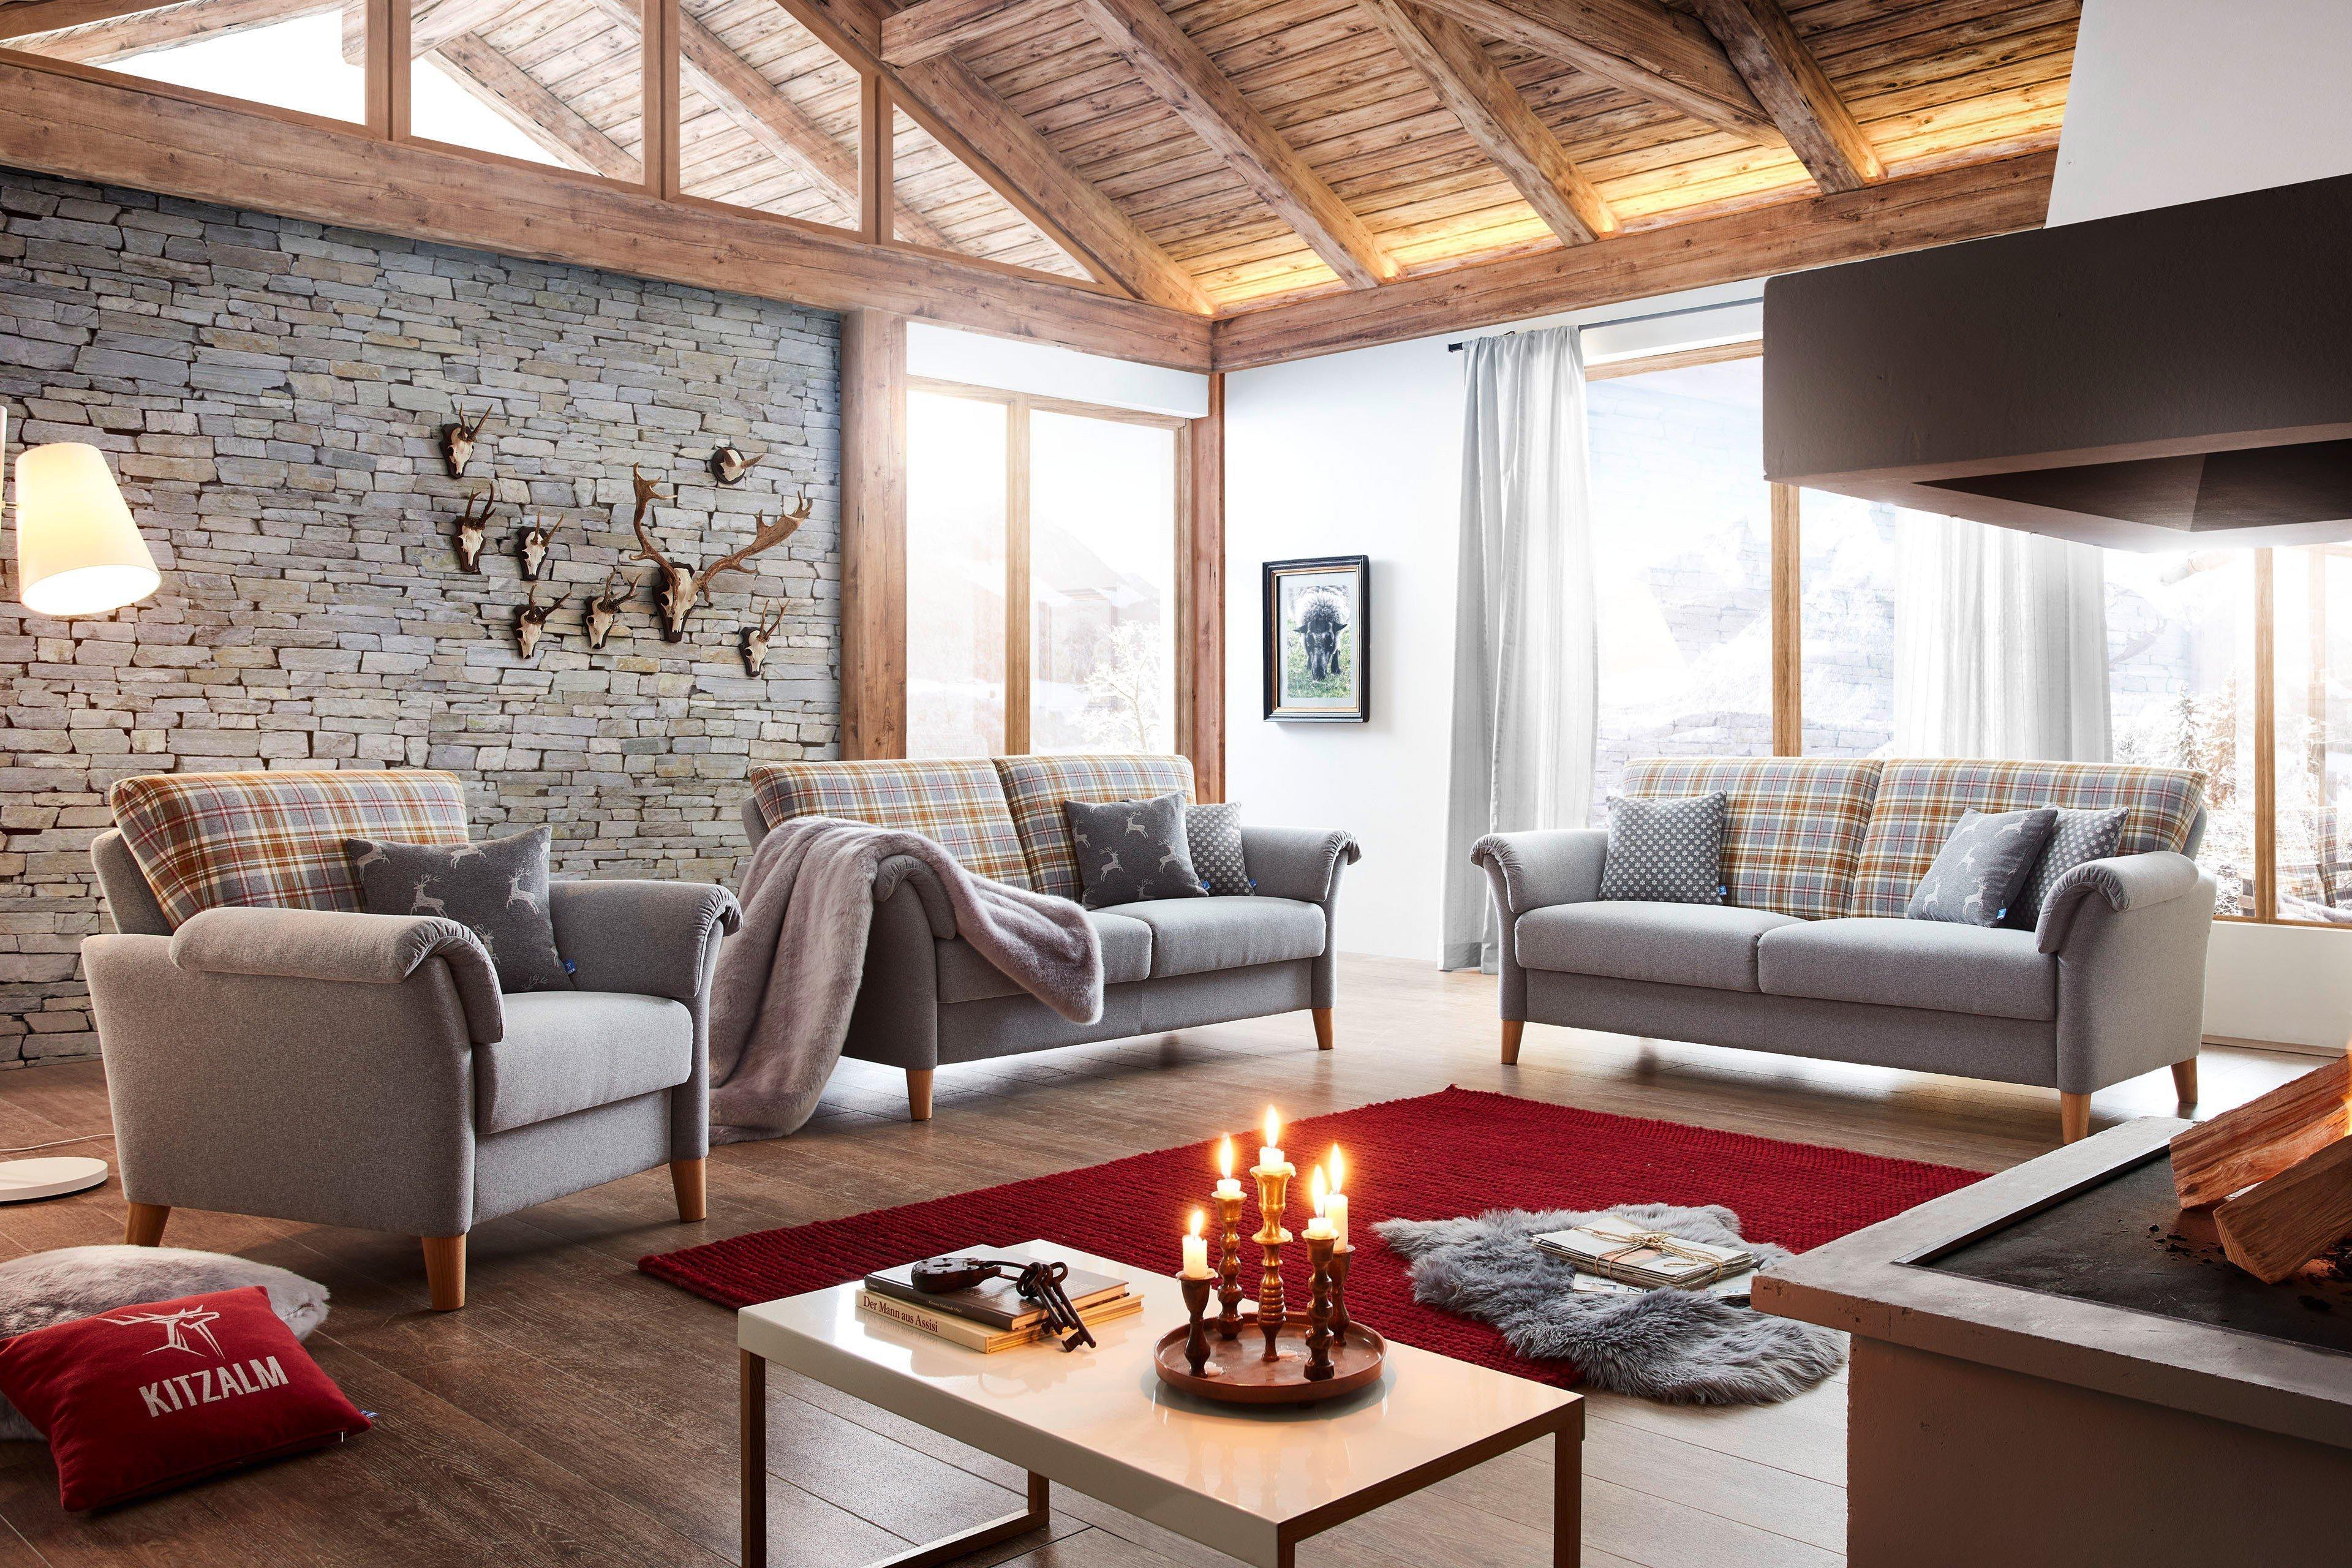 schr no s lden sofagruppe hellgrau gelb kariert m bel letz ihr online shop. Black Bedroom Furniture Sets. Home Design Ideas